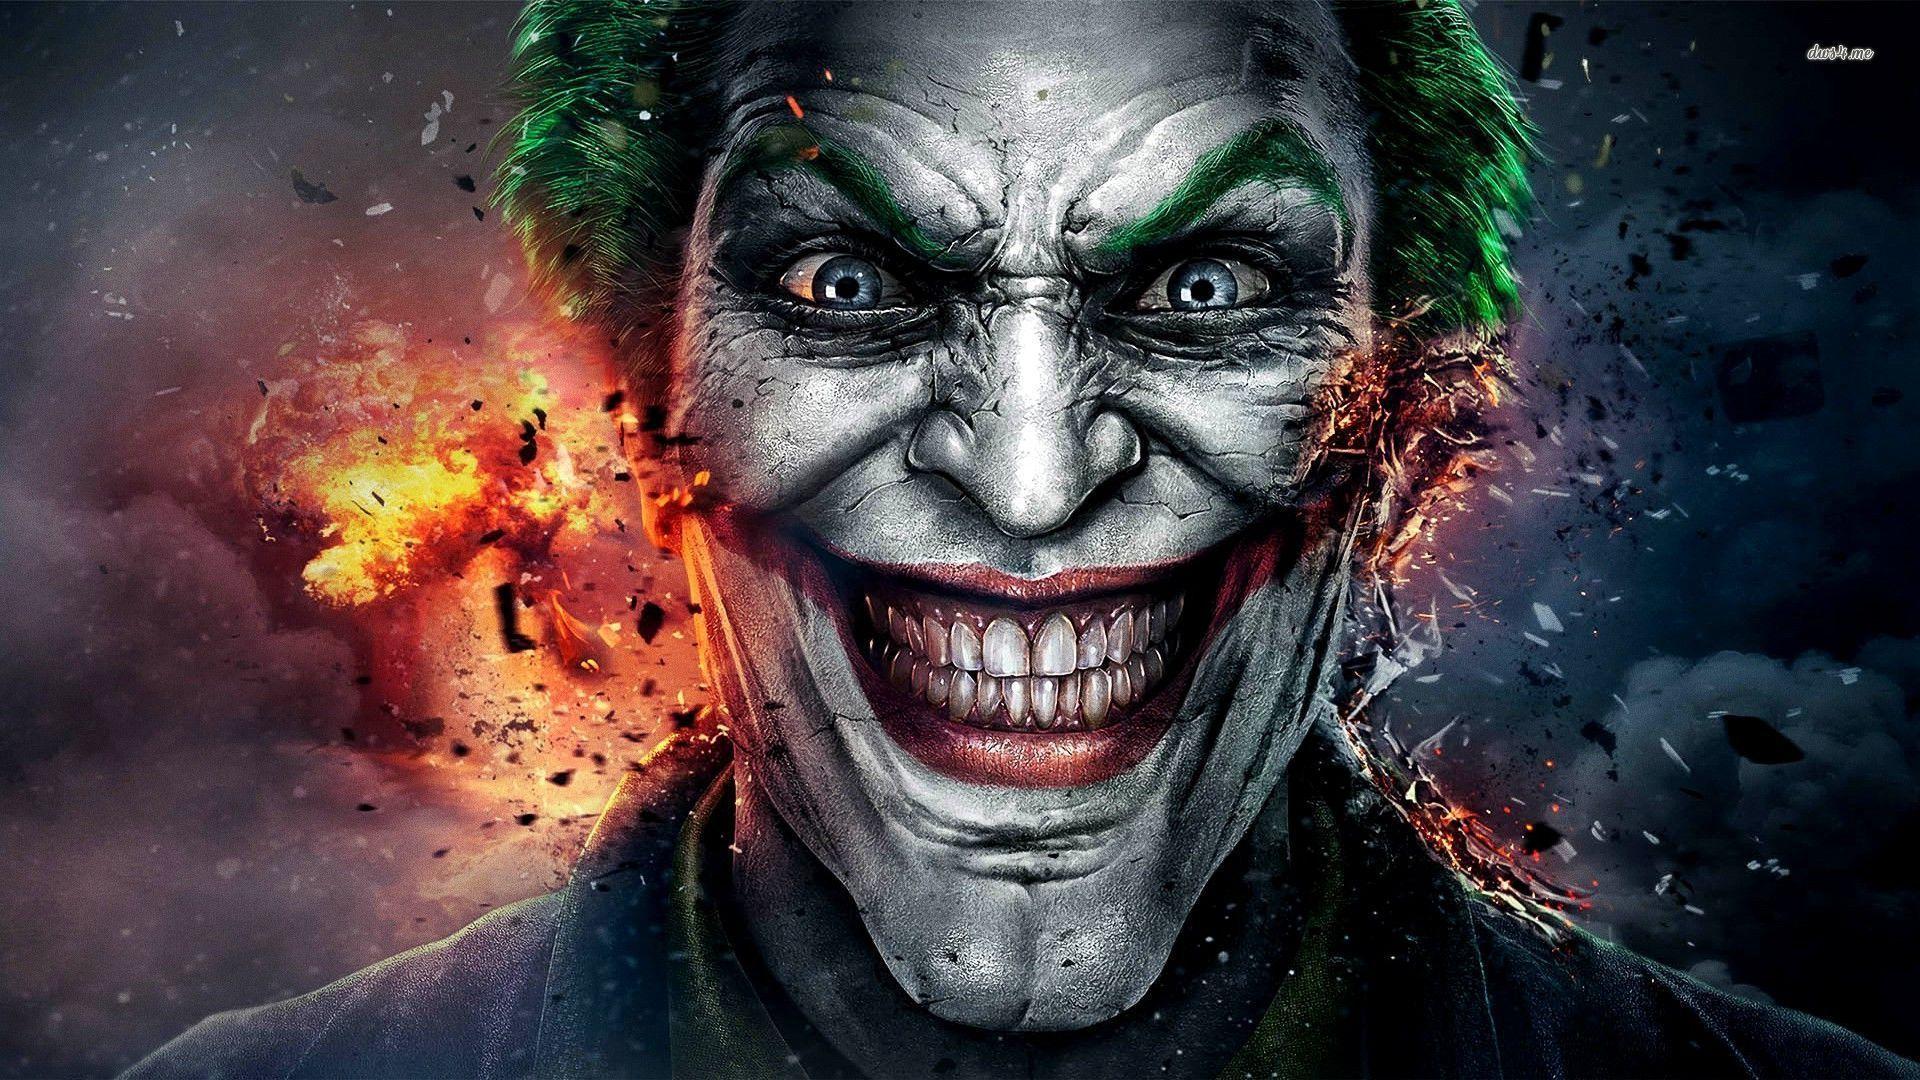 Pin By Risa Dia On Joker In 2021 Joker Hd Wallpaper Joker Wallpapers Batman Joker Wallpaper Joker 4k ultra hd wallpapers top free